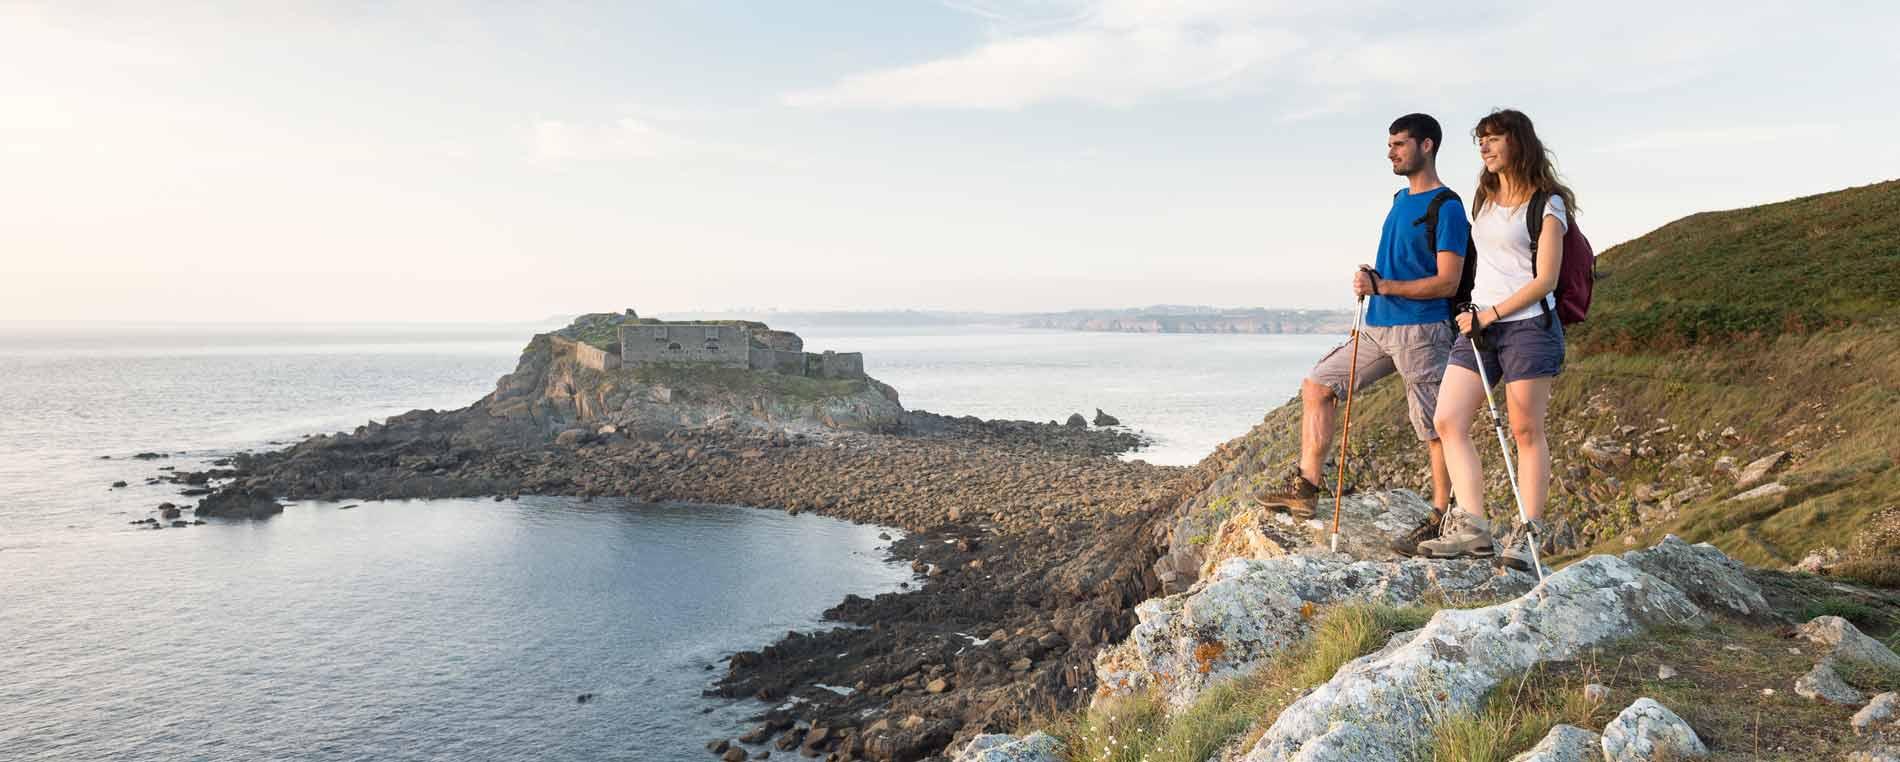 Randonnée en Finistère et Bretagne : petites et grandes balades